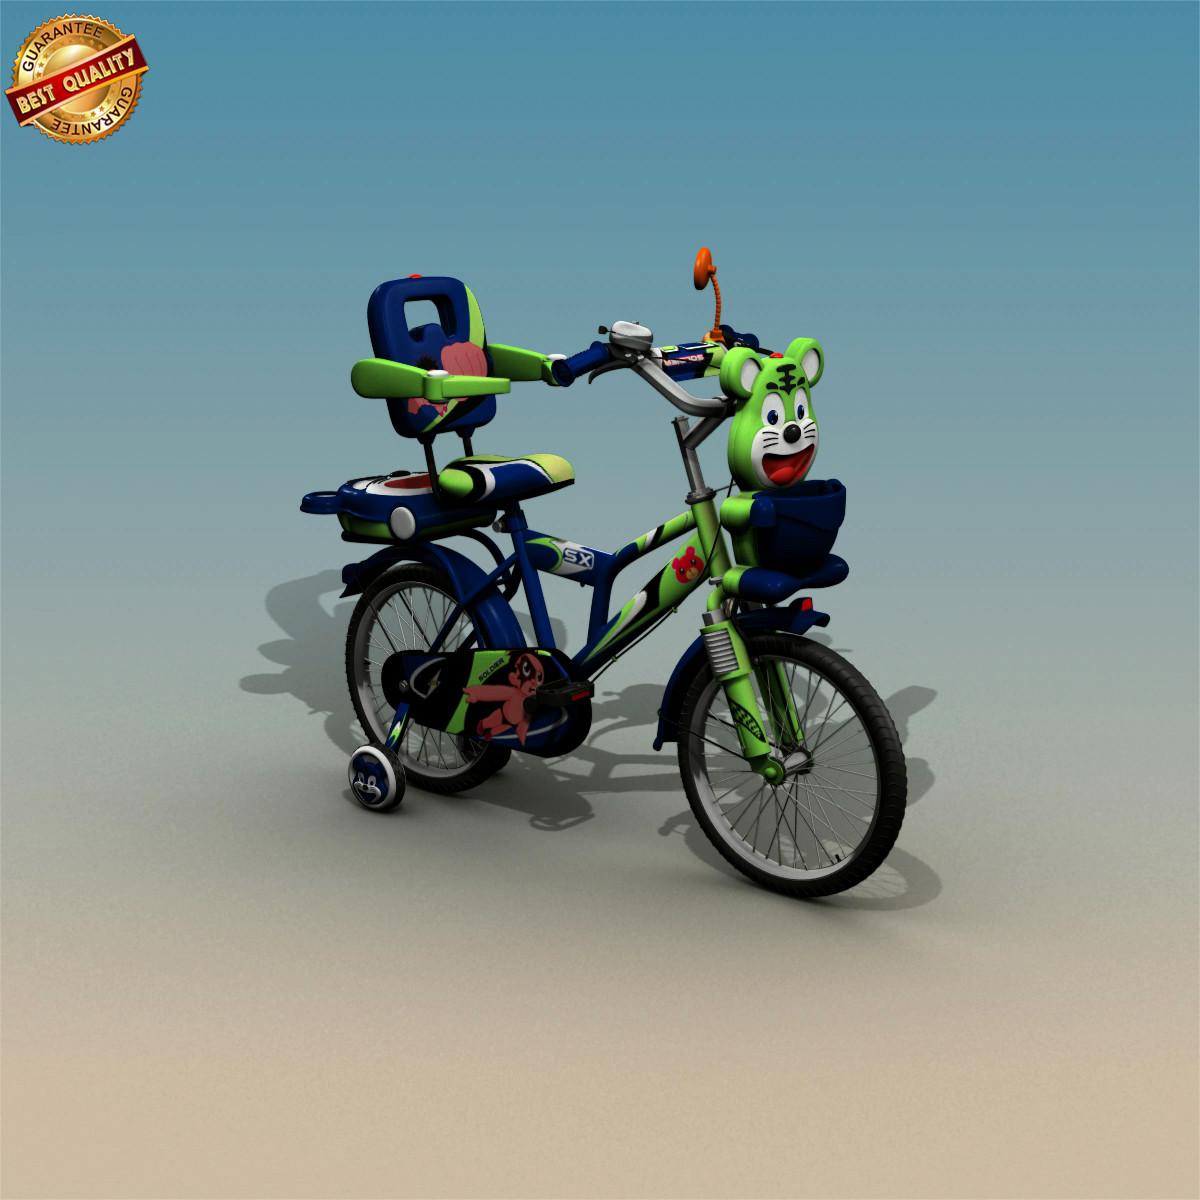 kids_cycle_view_01.jpg